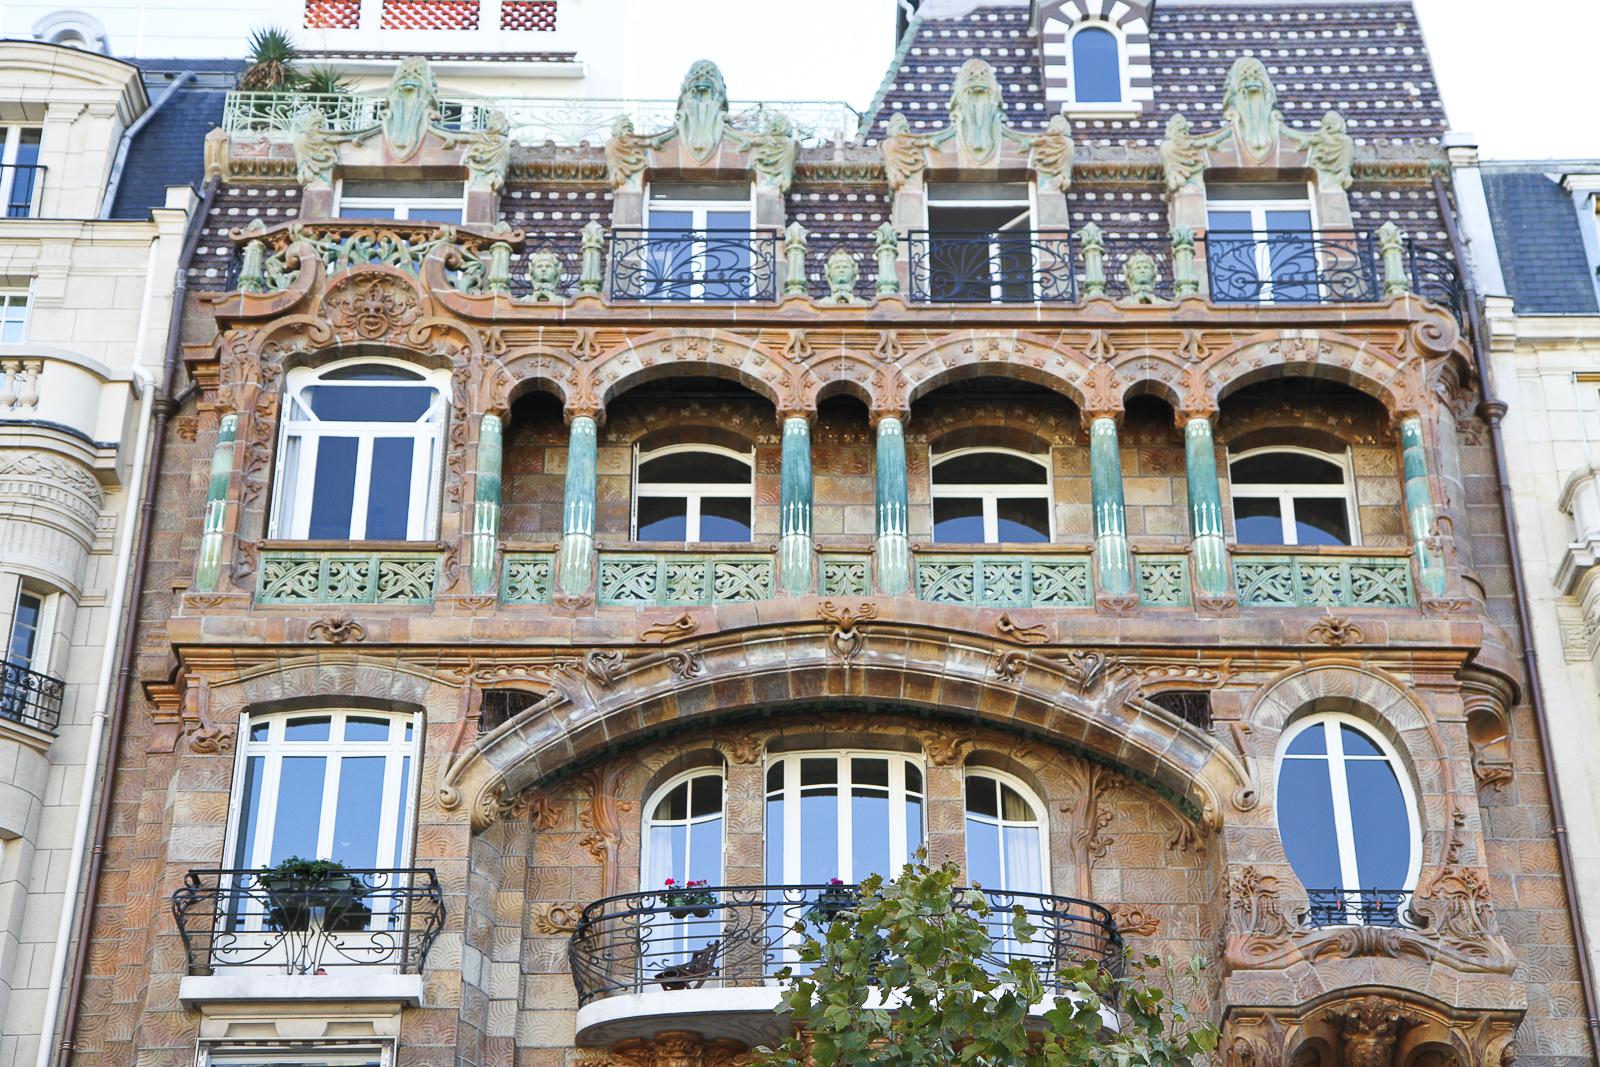 Best Kitchen Gallery: A Guide To Art Nouveau In Paris World Of Wanderlust of Art Nouveau Architecture on rachelxblog.com